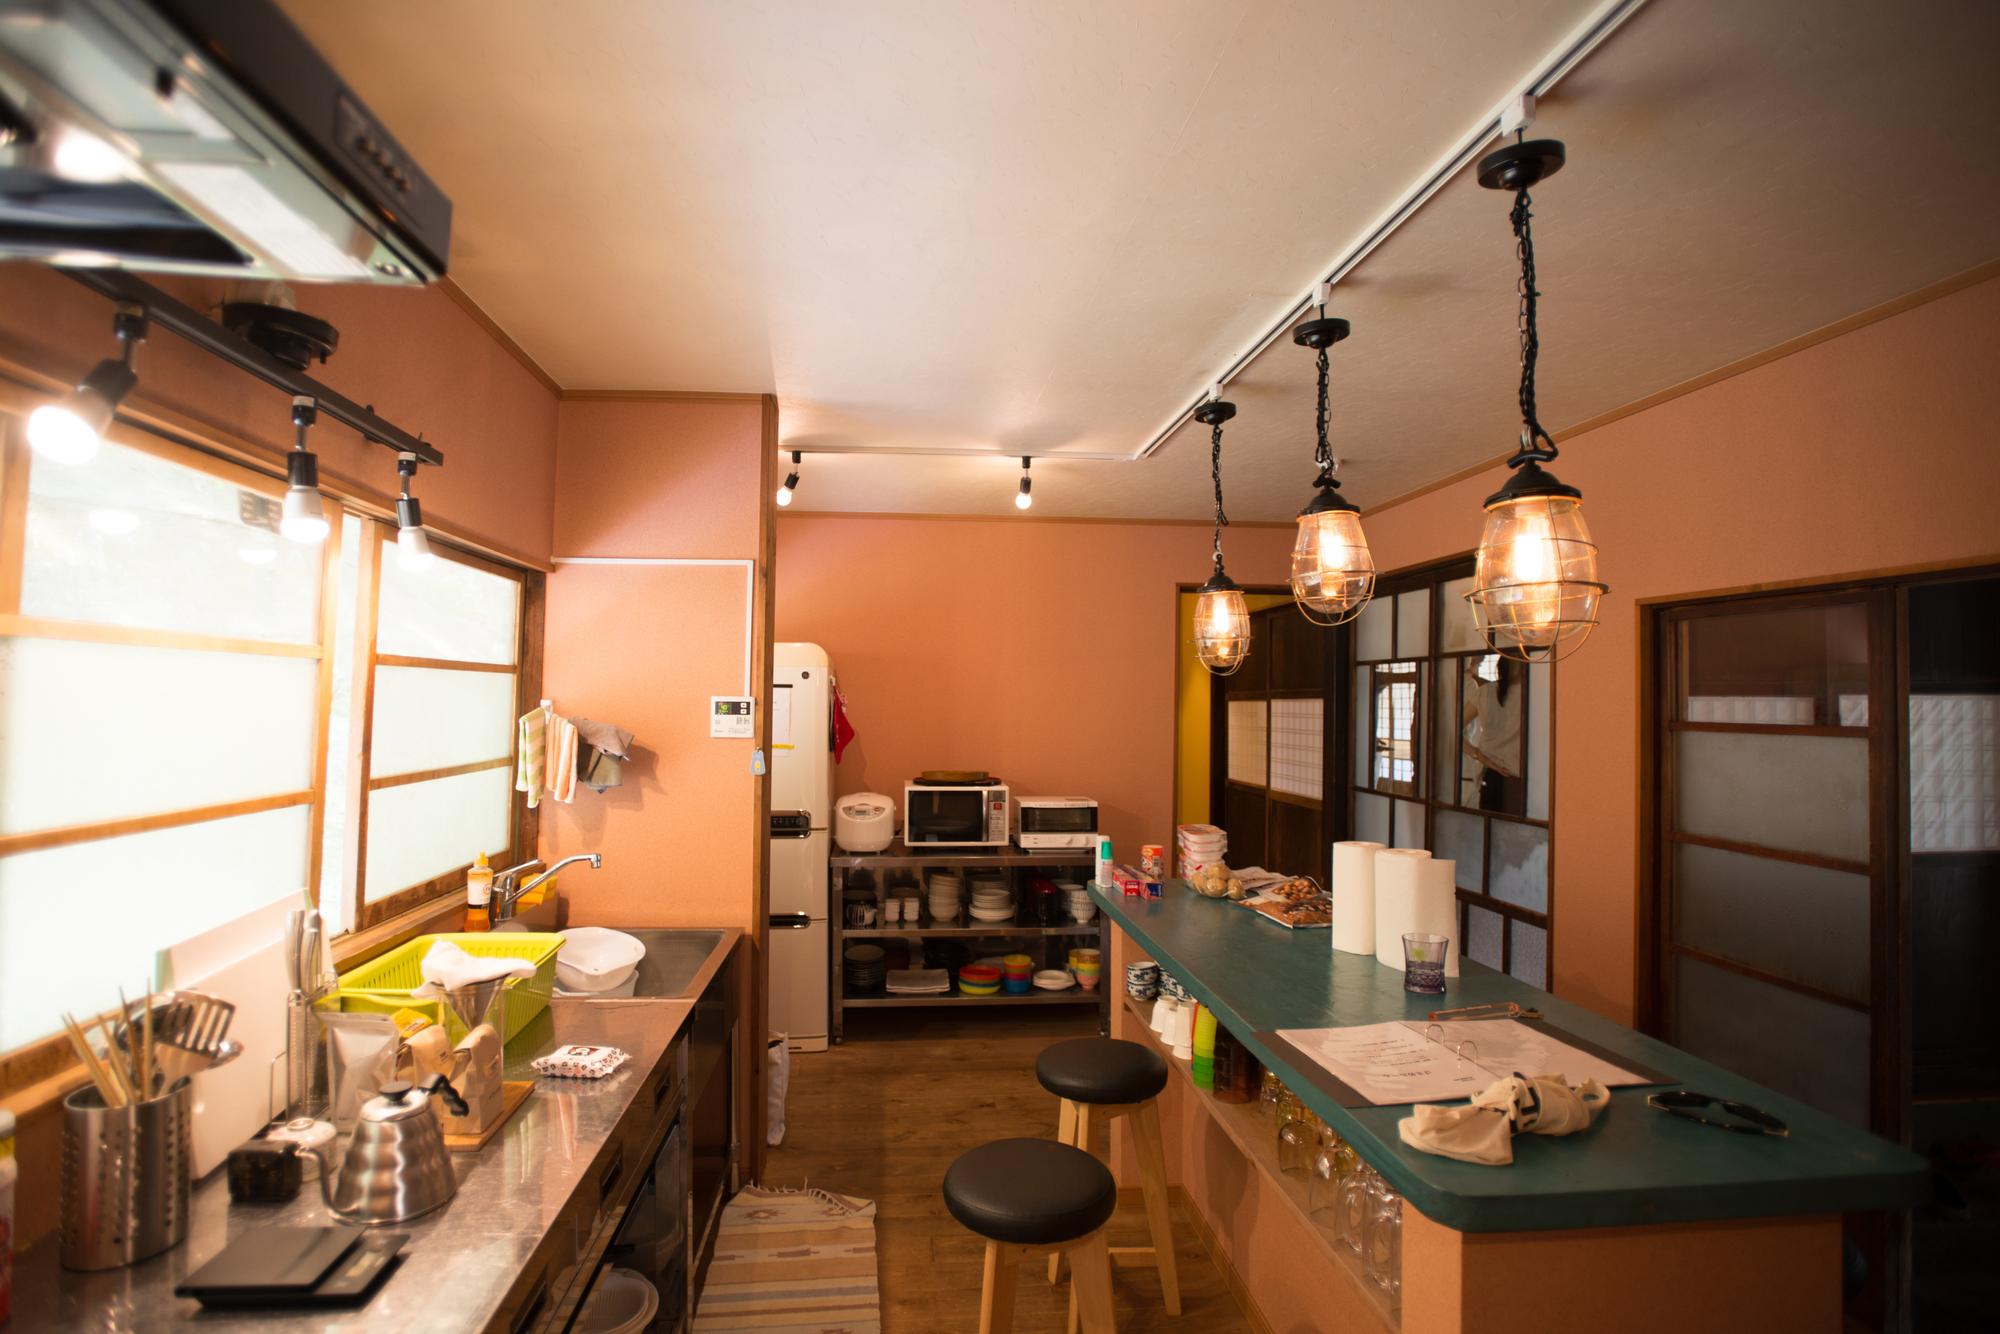 夢のキッチン|ライティングレール